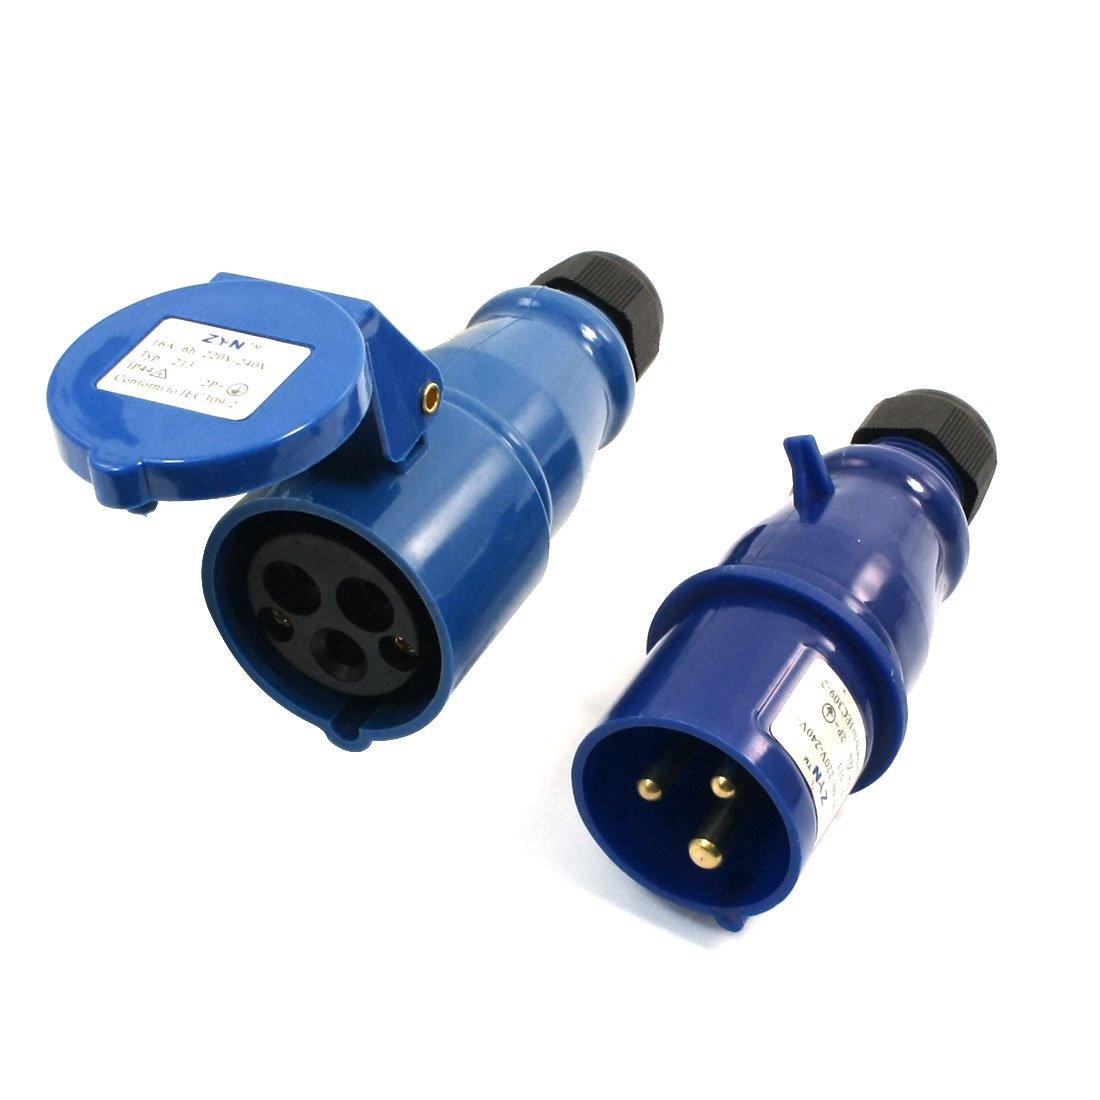 Powermaster Weatherproof Industrial 32A 230V 3 Pin Power Socket Connector